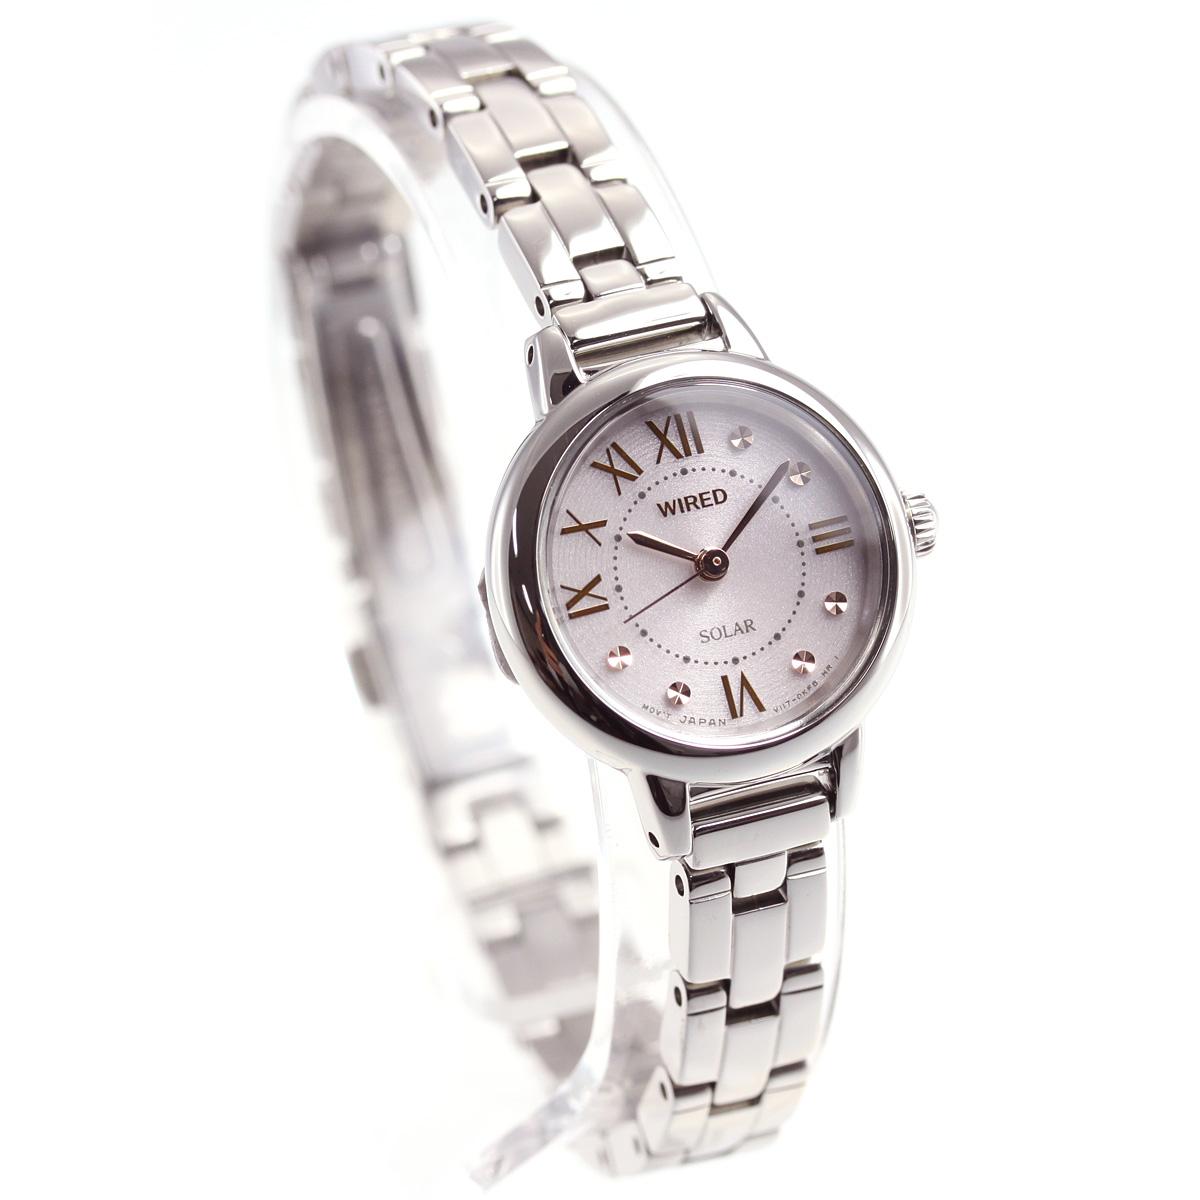 セイコー ワイアード エフ SEIKO WIRED f ソーラー 腕時計 レディース AGED094